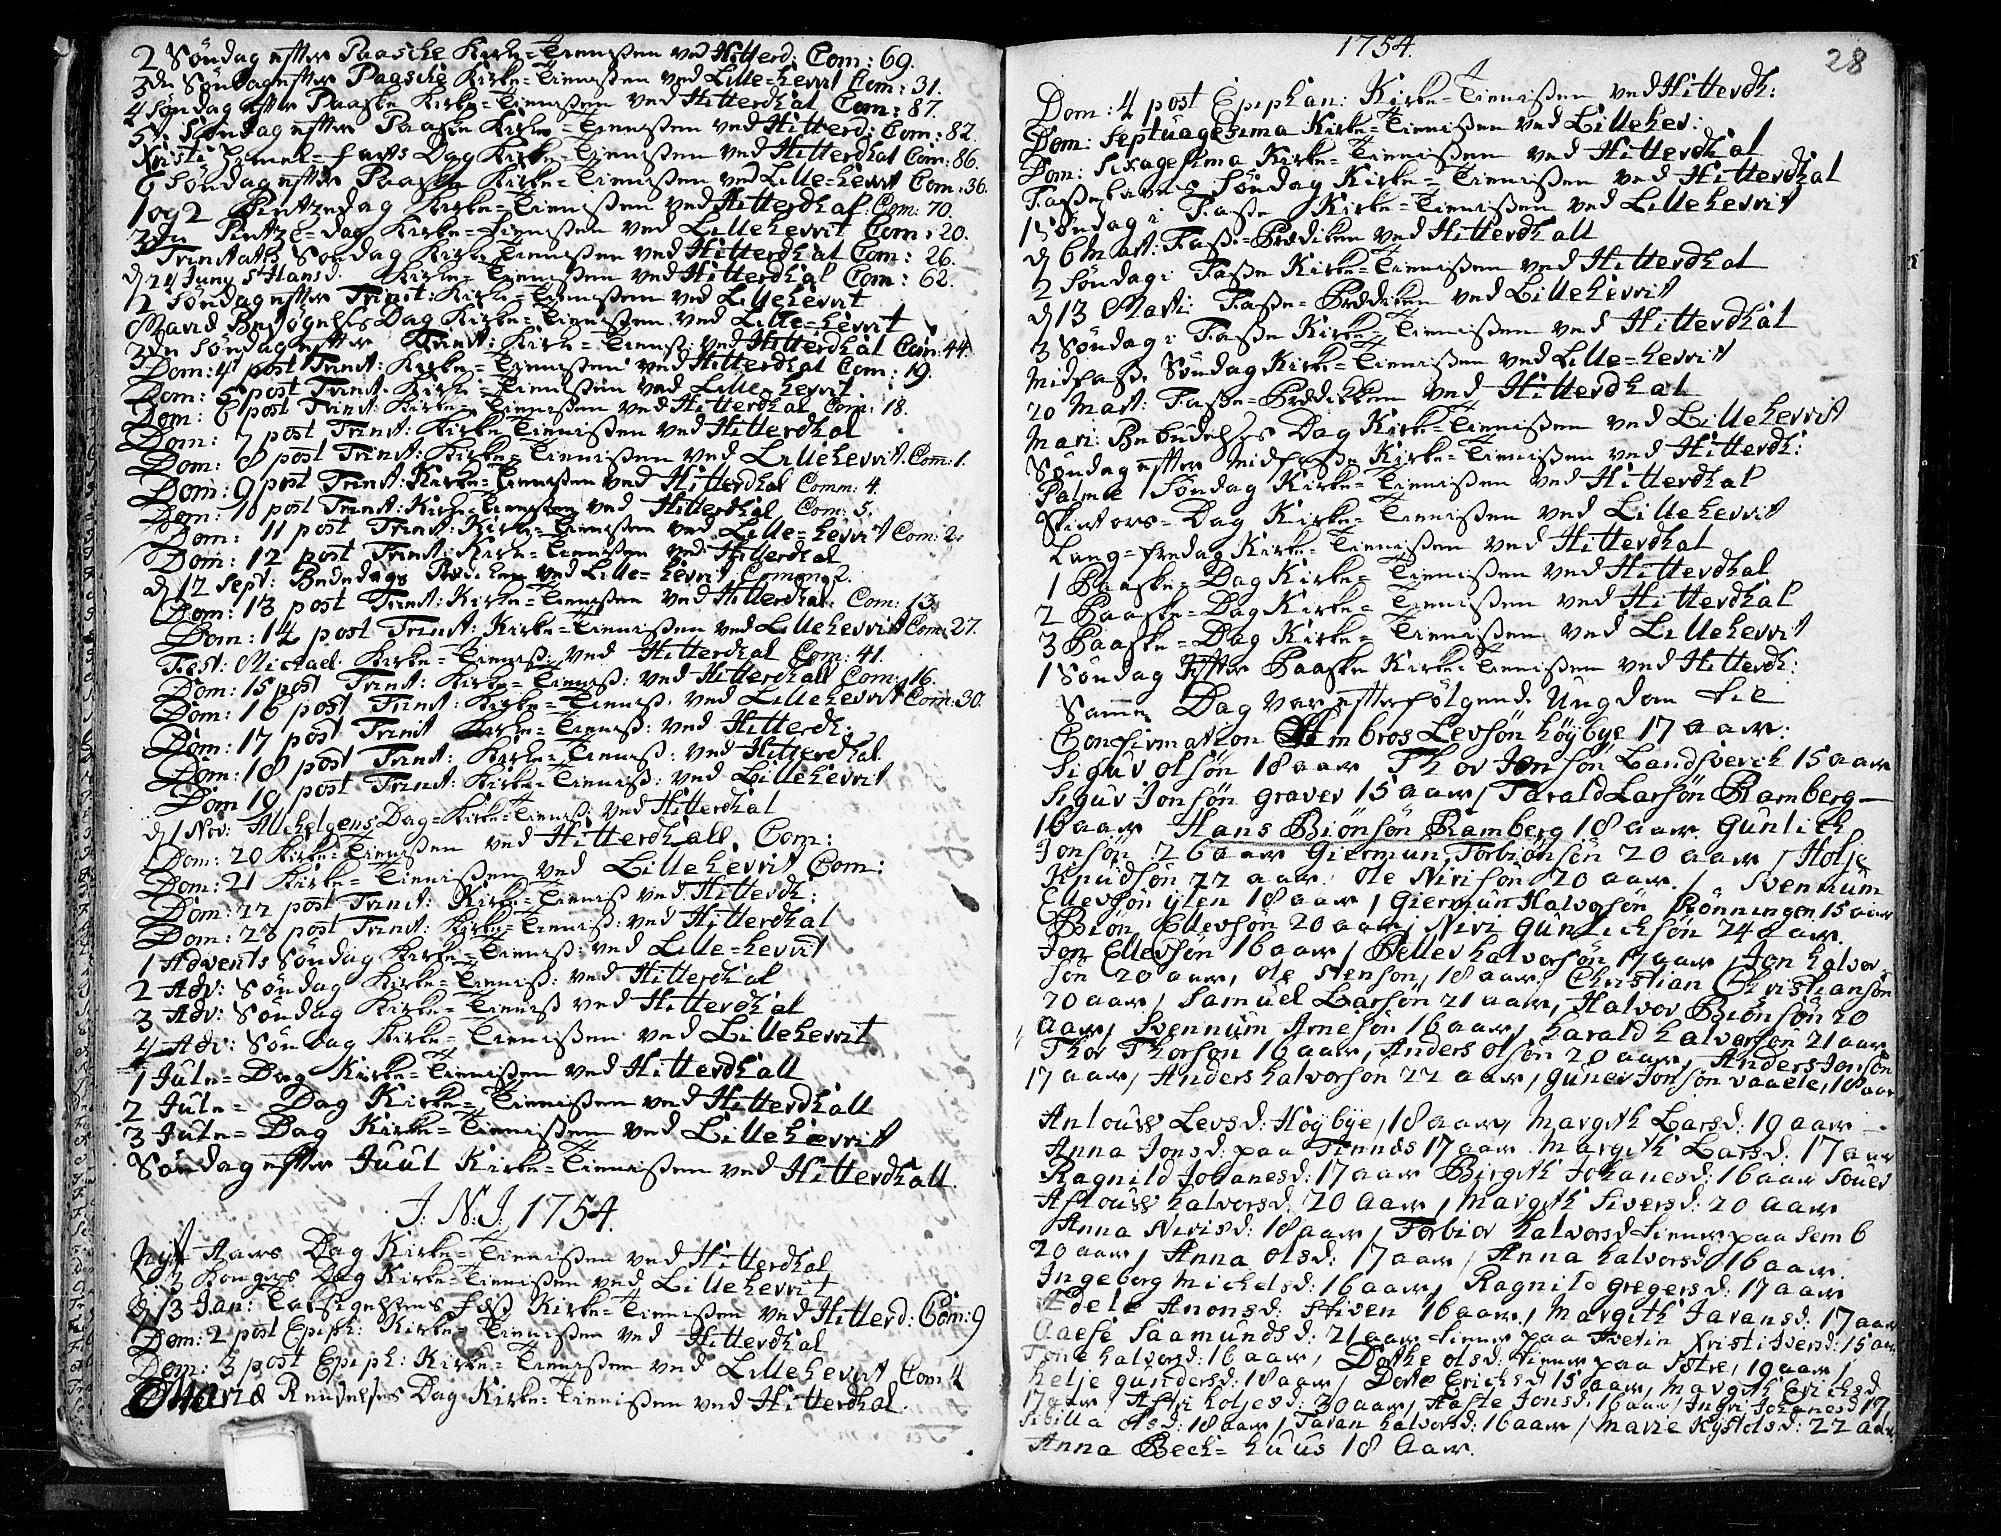 SAKO, Heddal kirkebøker, F/Fa/L0003: Ministerialbok nr. I 3, 1723-1783, s. 28